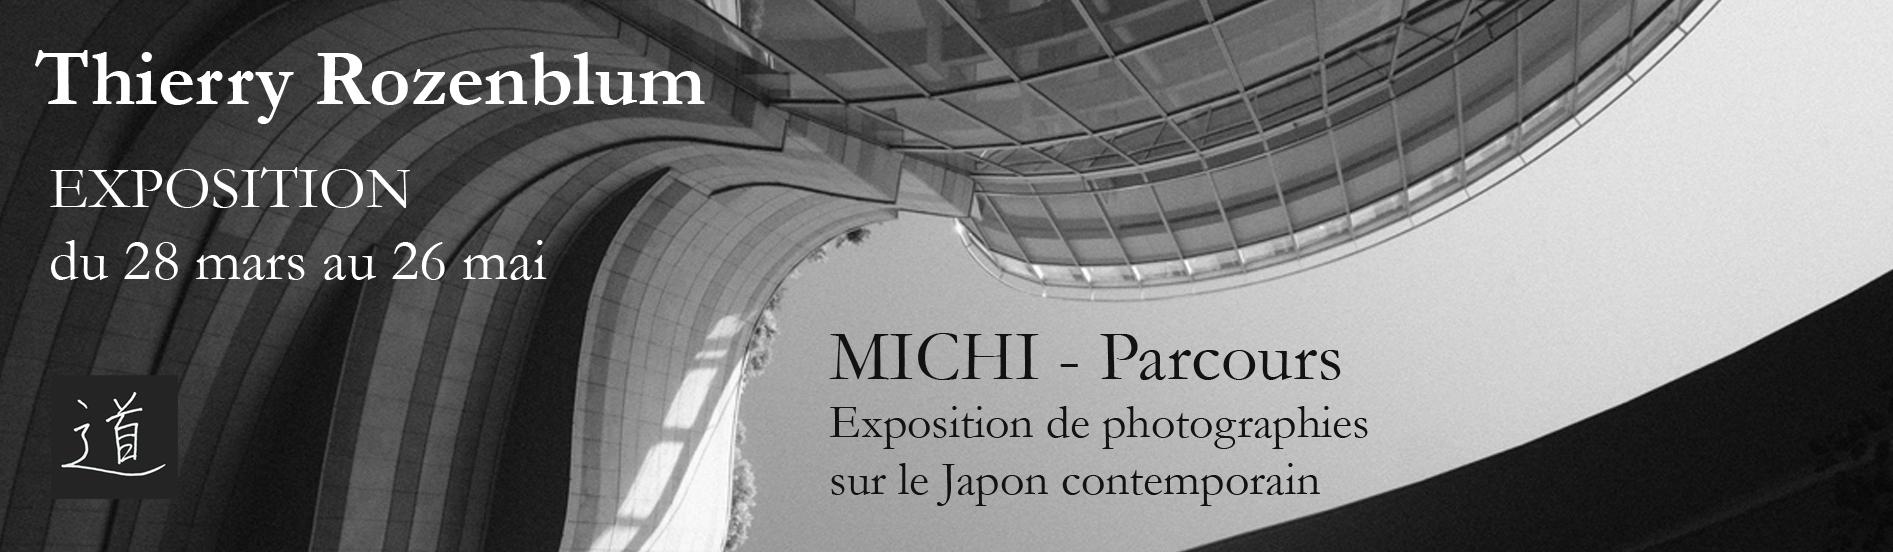 Exposition de photographies MICHI - parcours